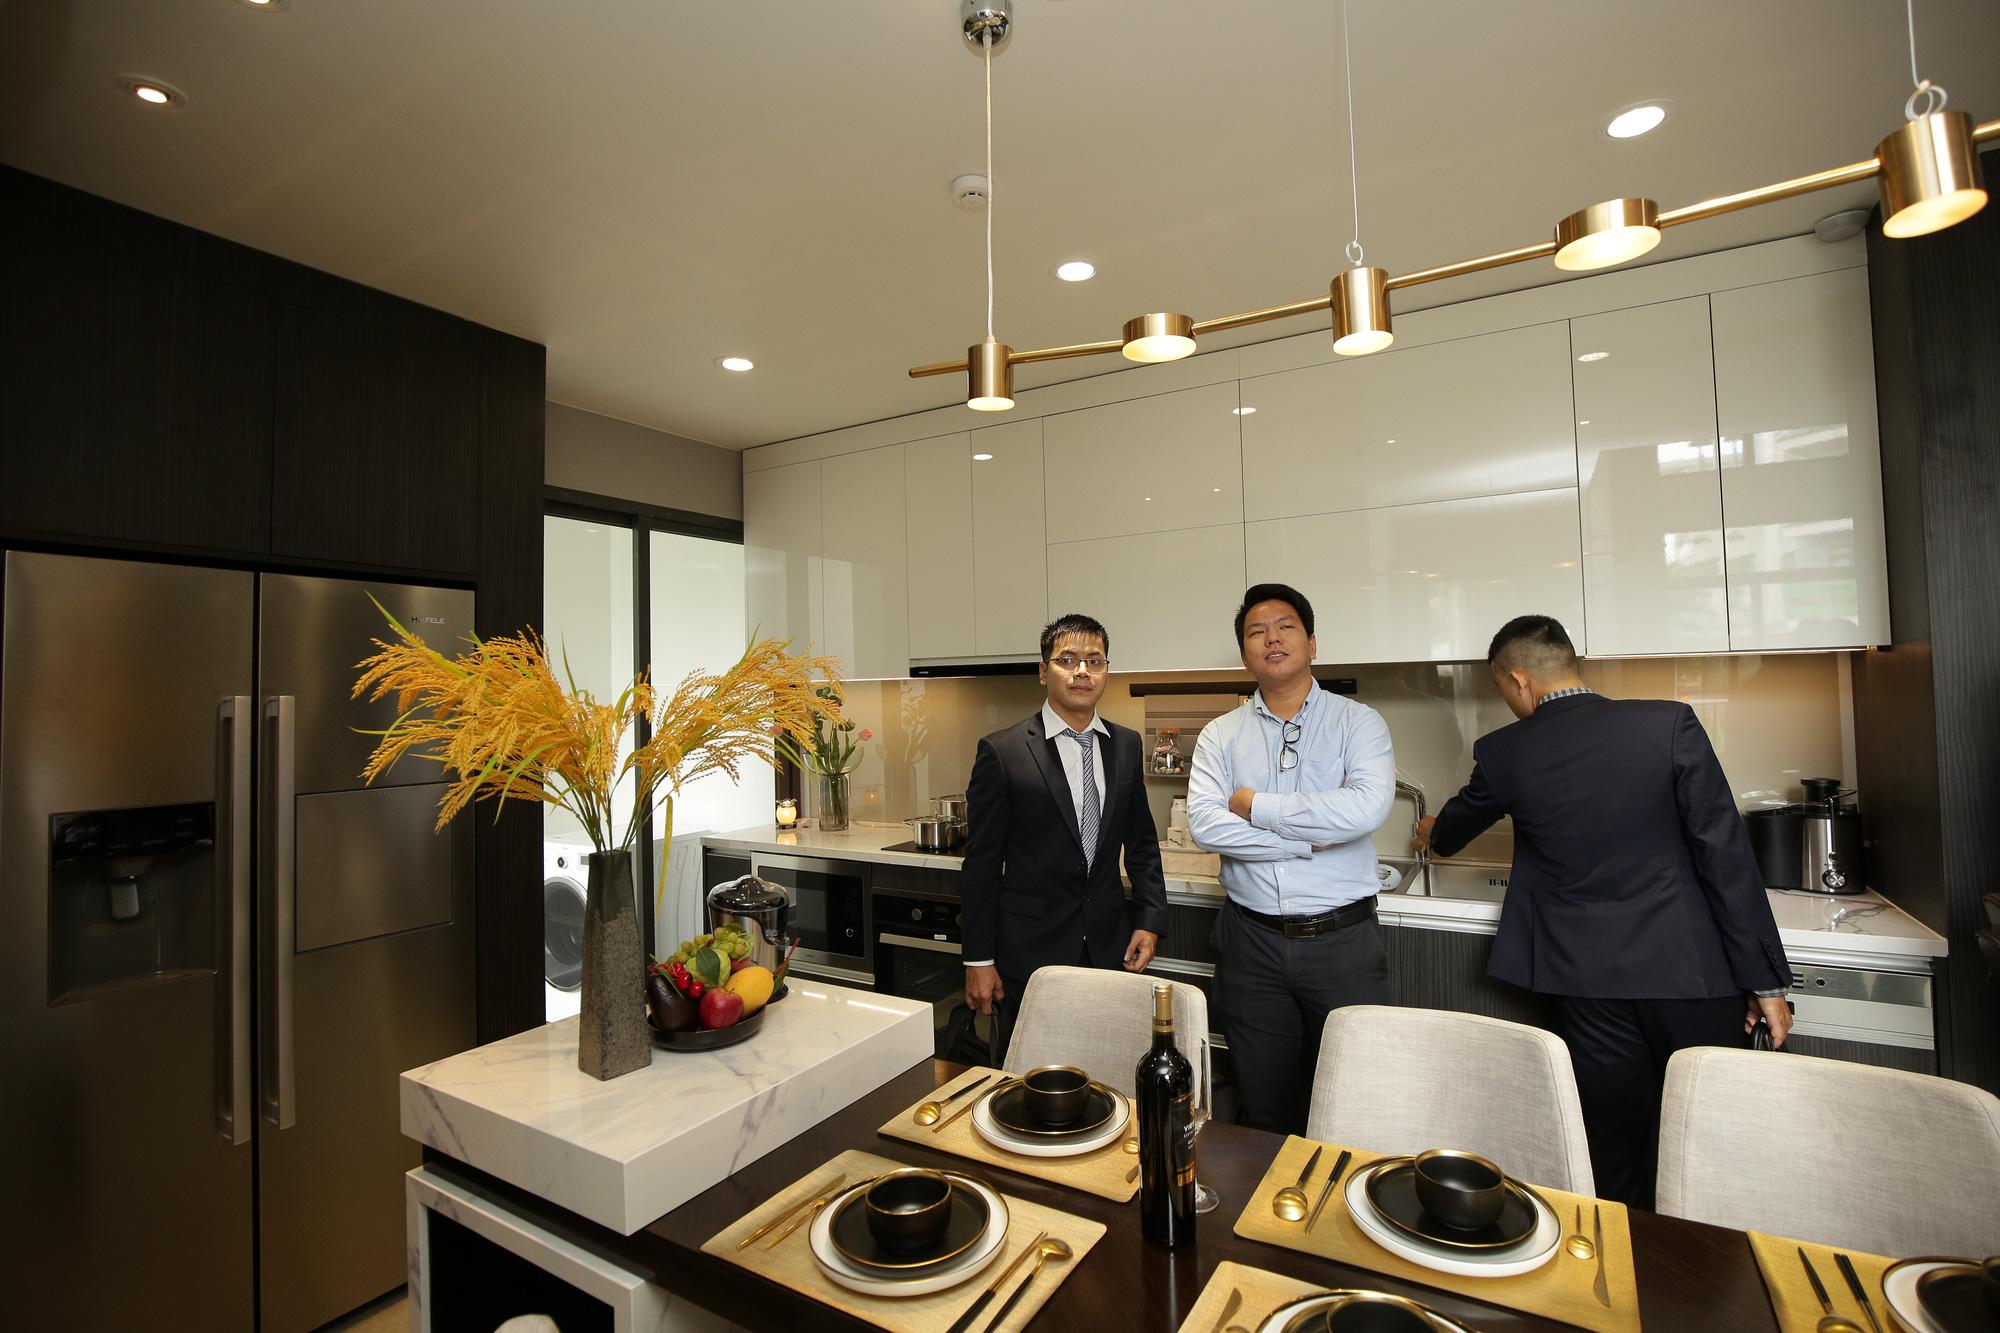 Thị trường BĐS xuất hiện nhiều ưu đãi, cơ hội tốt cho người mua nhà ở thực - Ảnh 1.